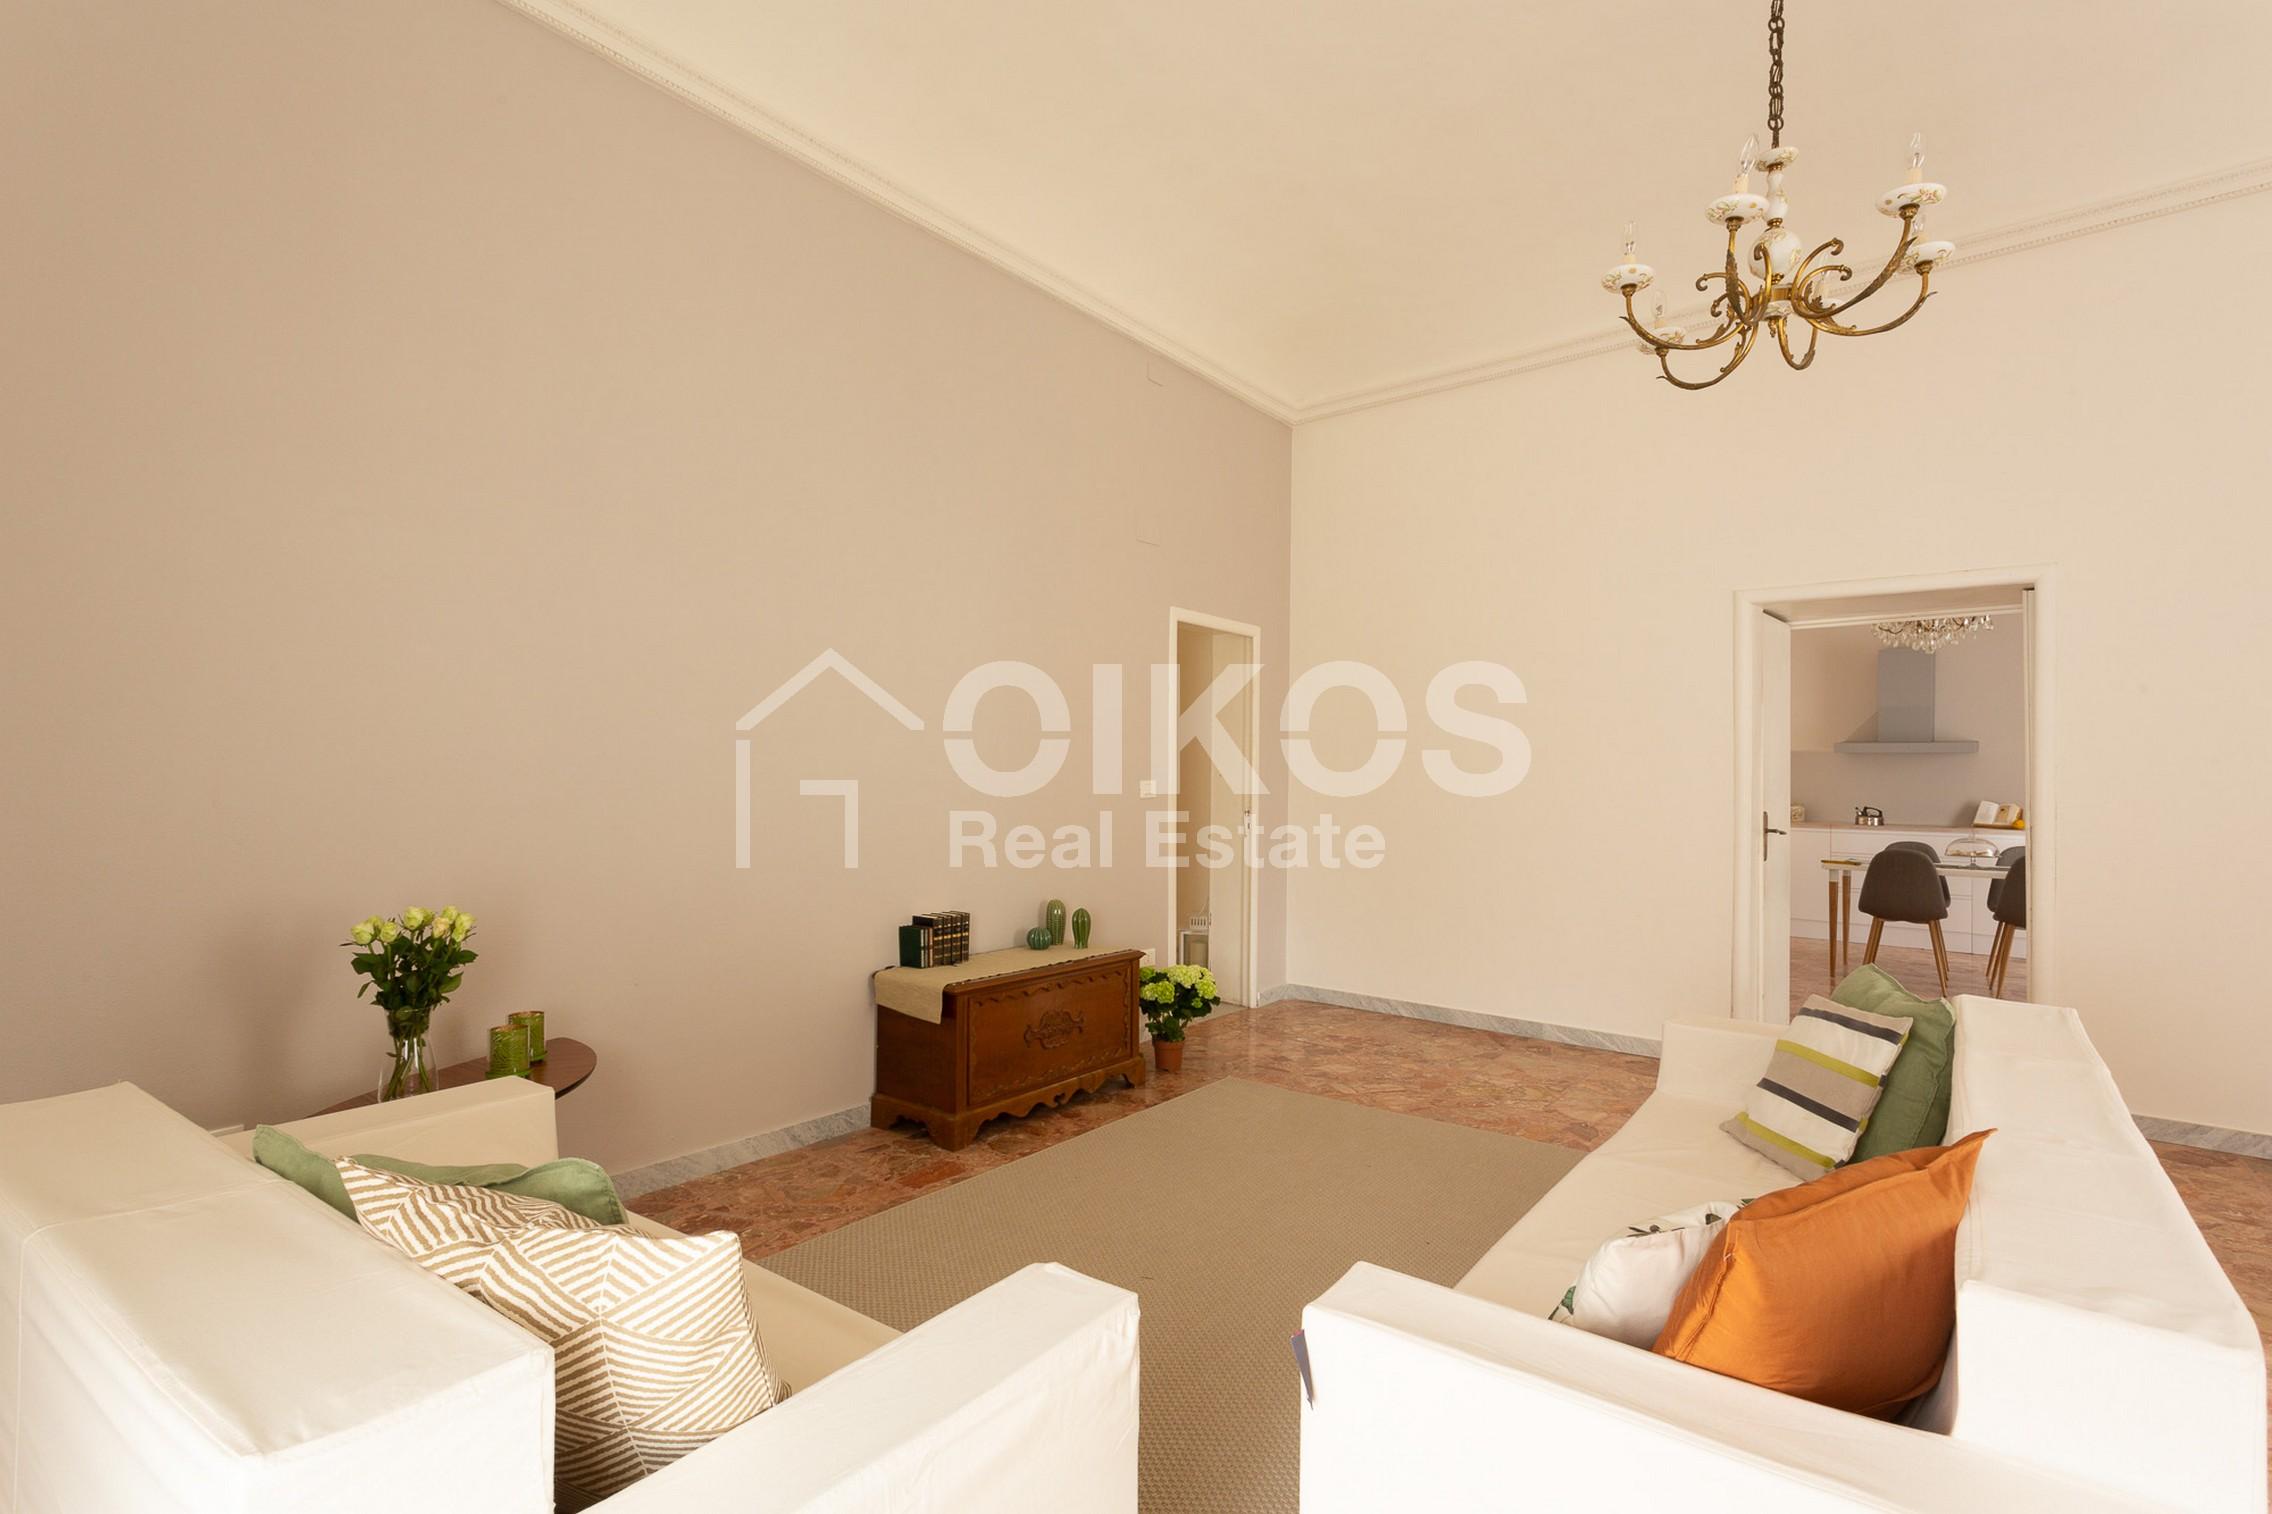 Appartamento storico in via Garibaldi 0